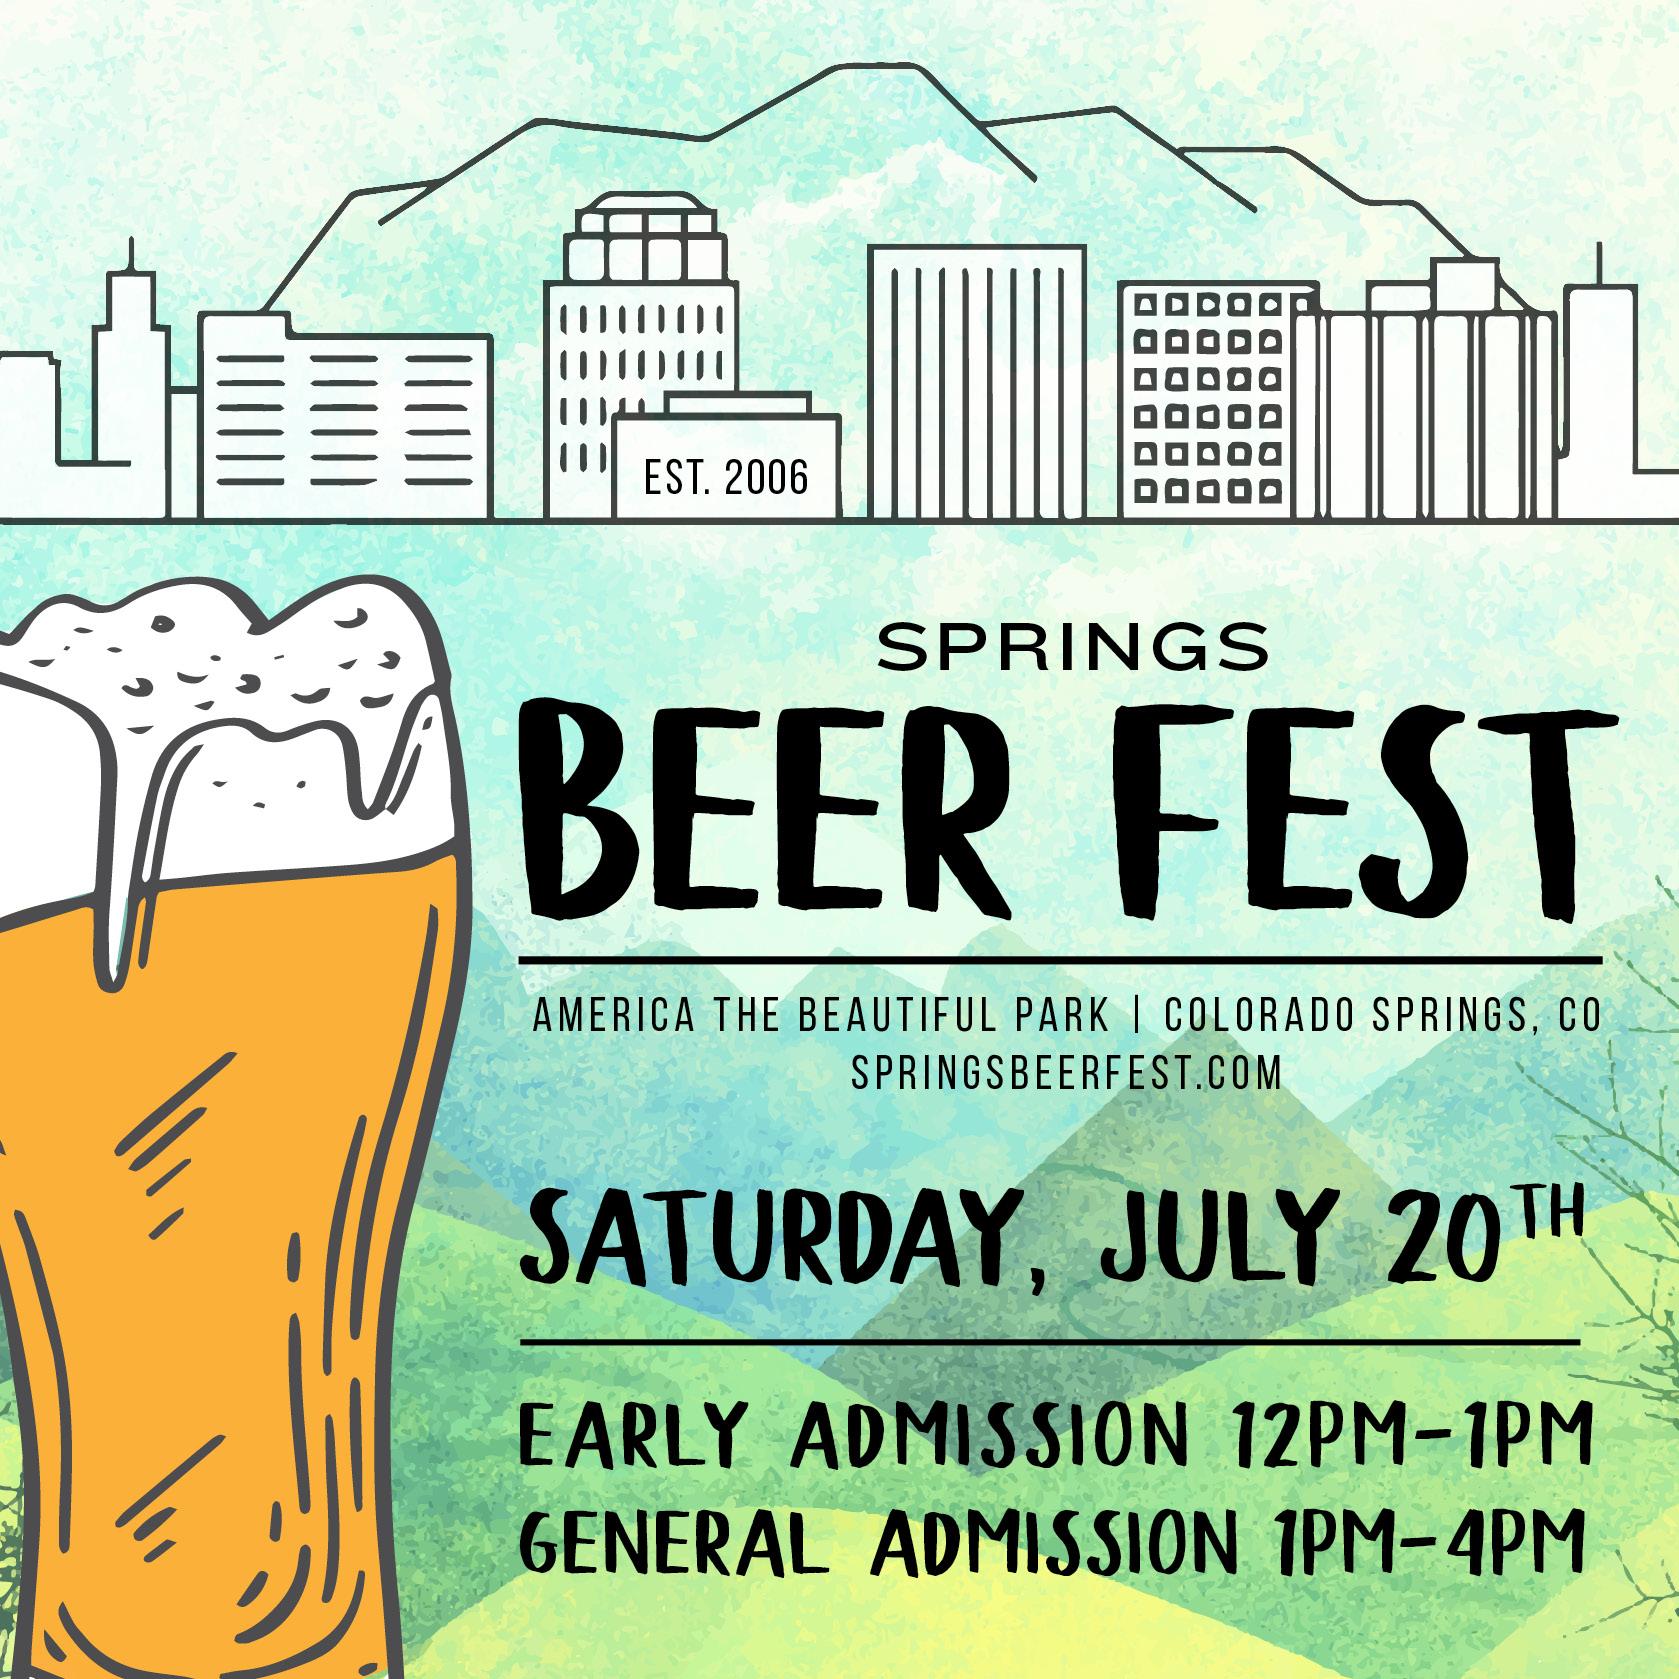 0001 - Springs beer fest FB wall (5).jpg